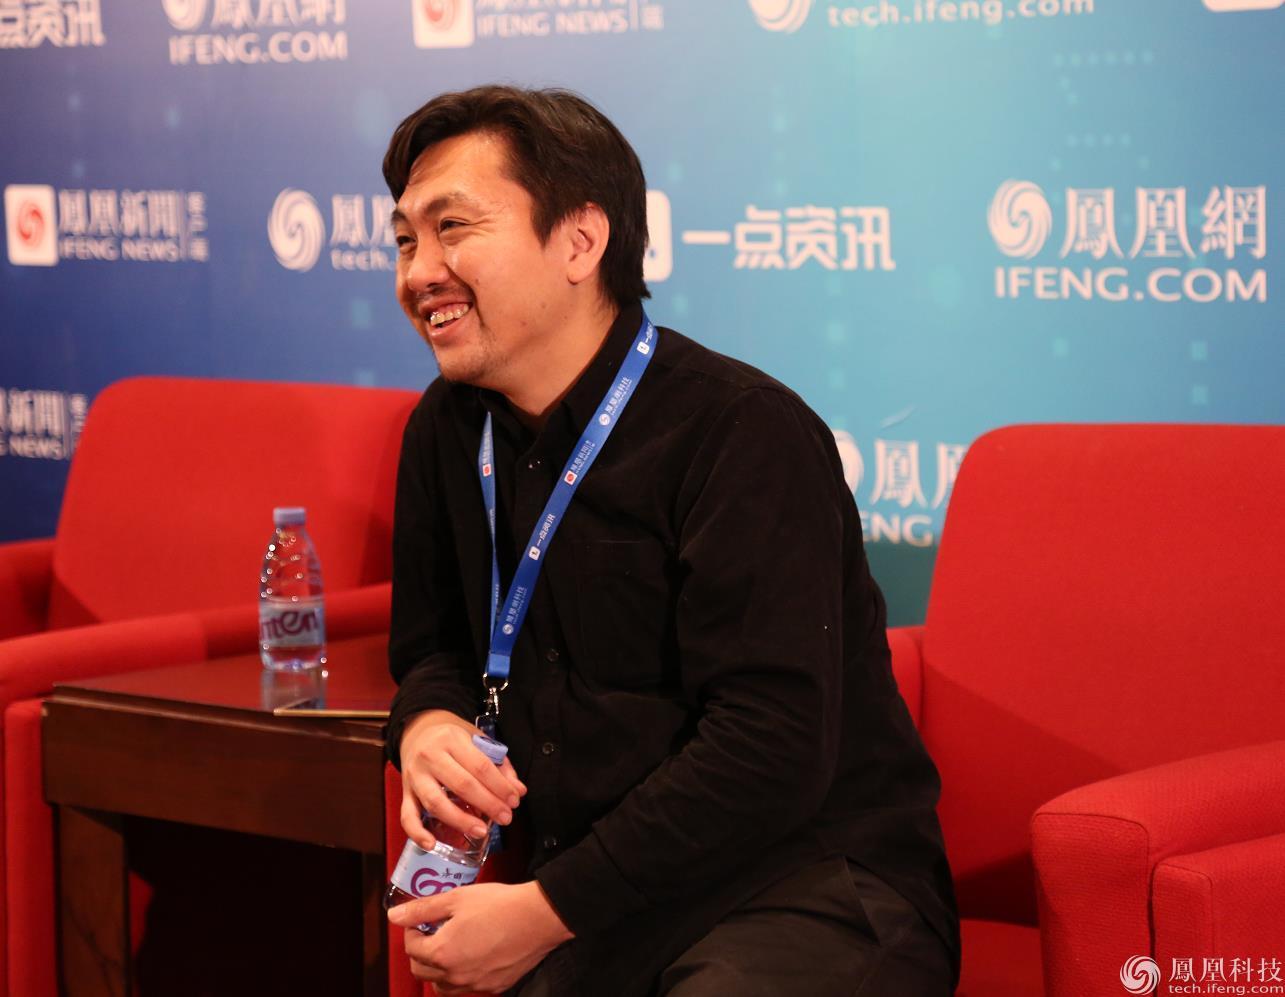 专访商汤科技杨帆:人工智能技术发展的三大趋势